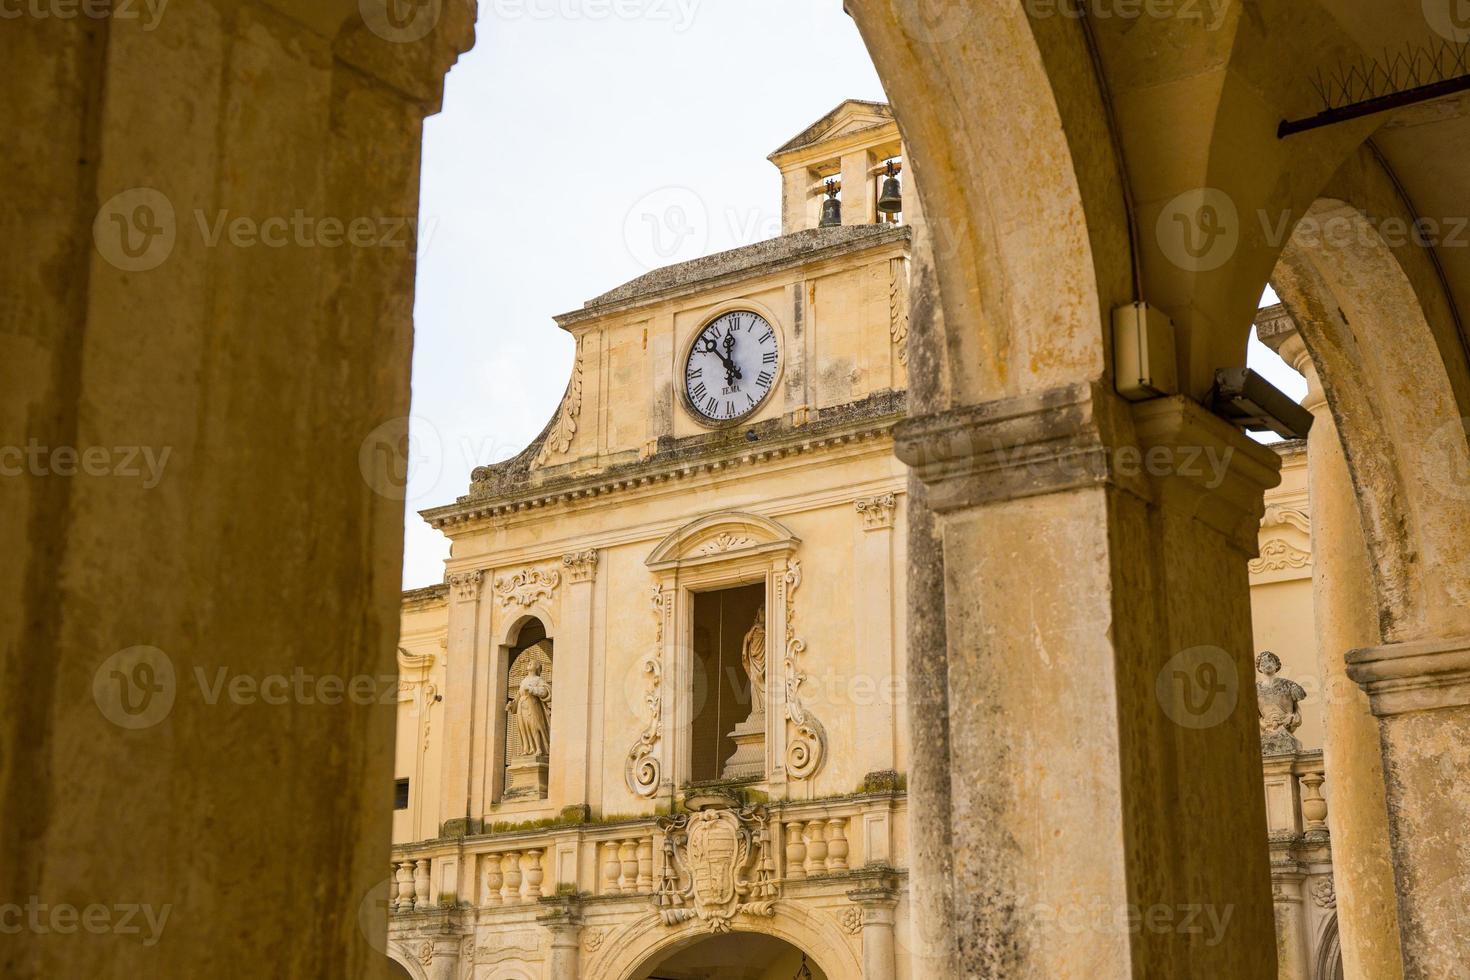 campanile e facciata del vescovado di lecce foto